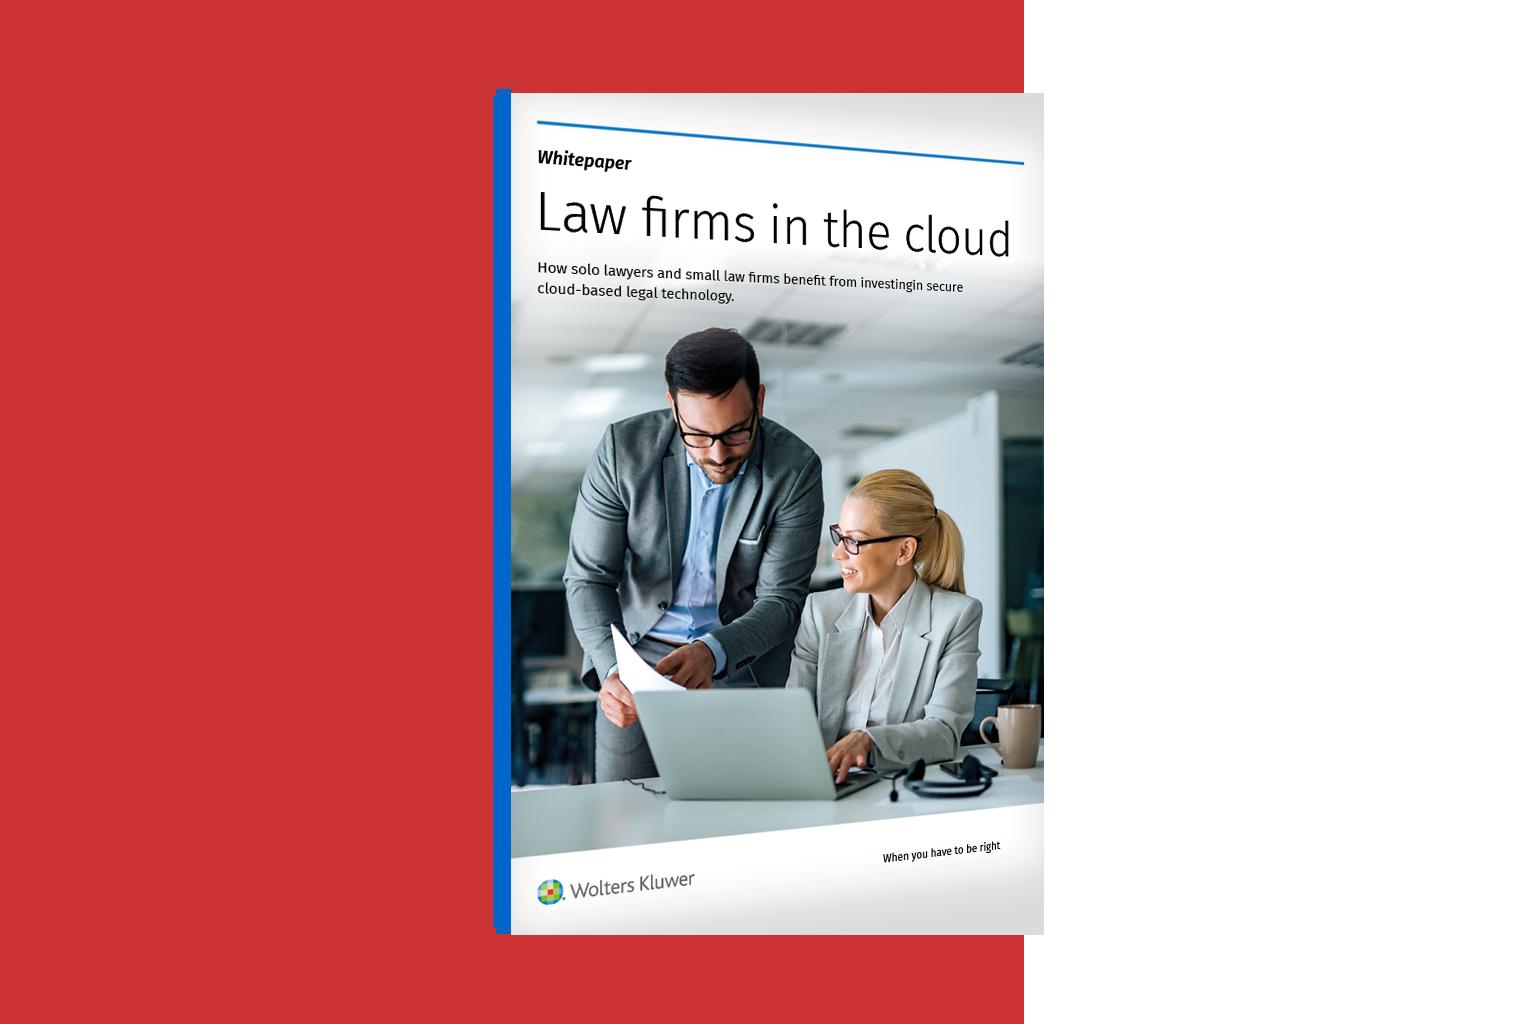 Översikt juristbyråer i molnet